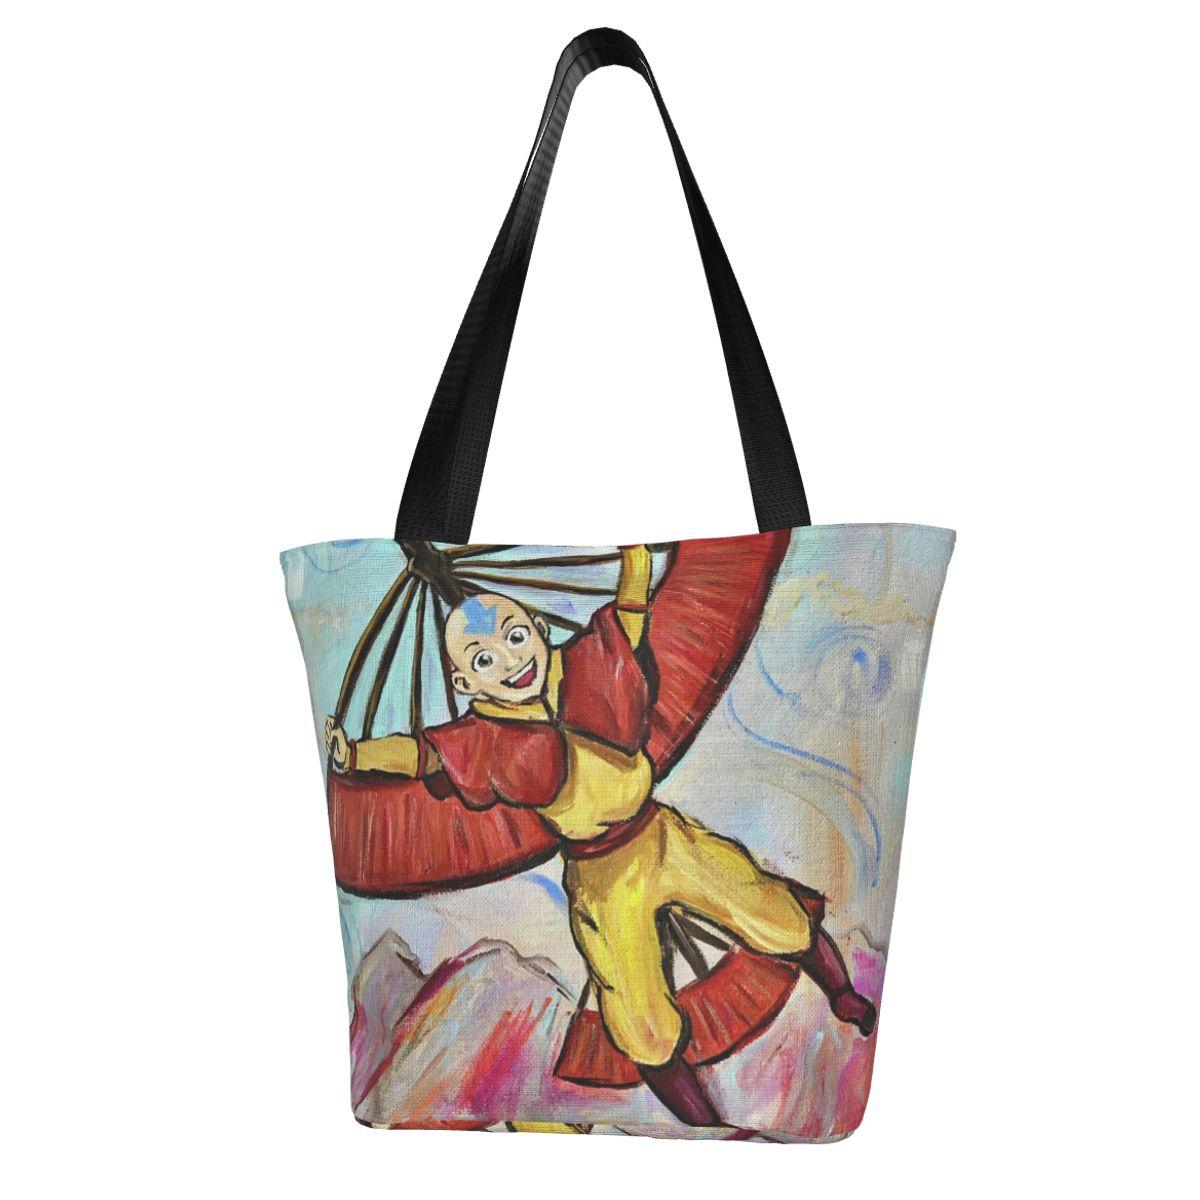 Аватар, последняя сумка для покупок Airbender, тканевые сумки для улицы, Женские винтажные сумки оптом